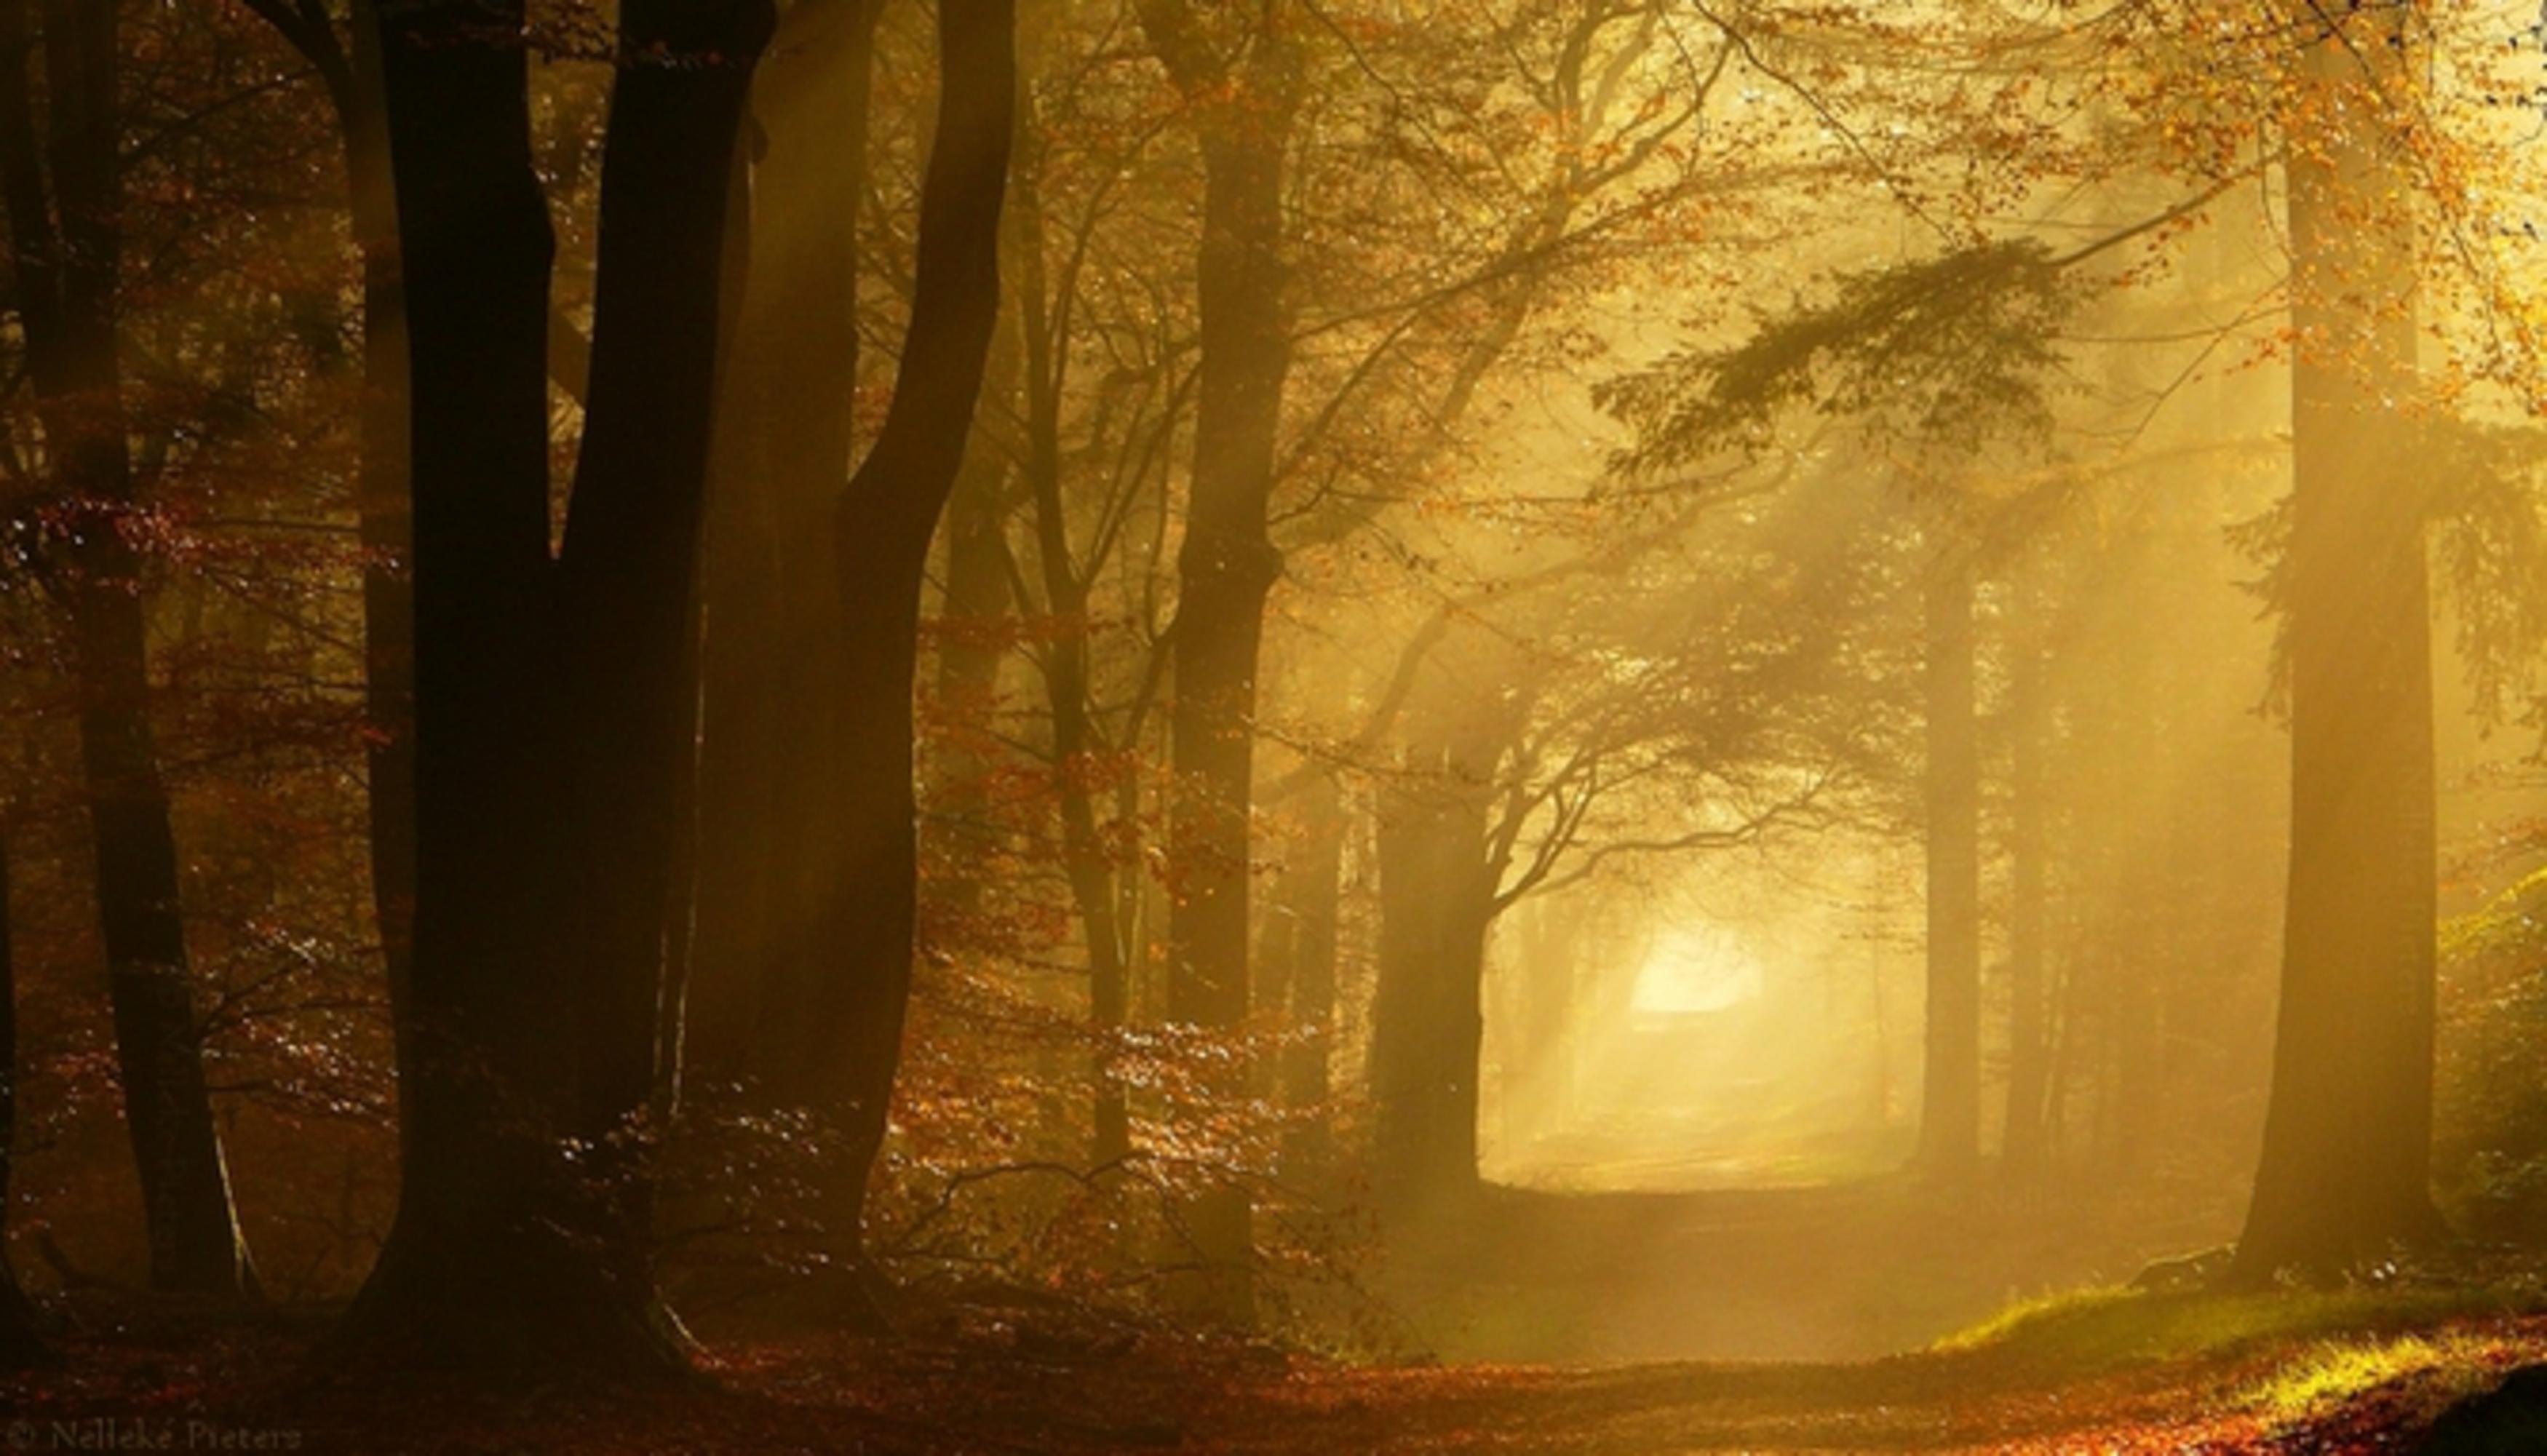 Прохожую в лесу 8 фотография